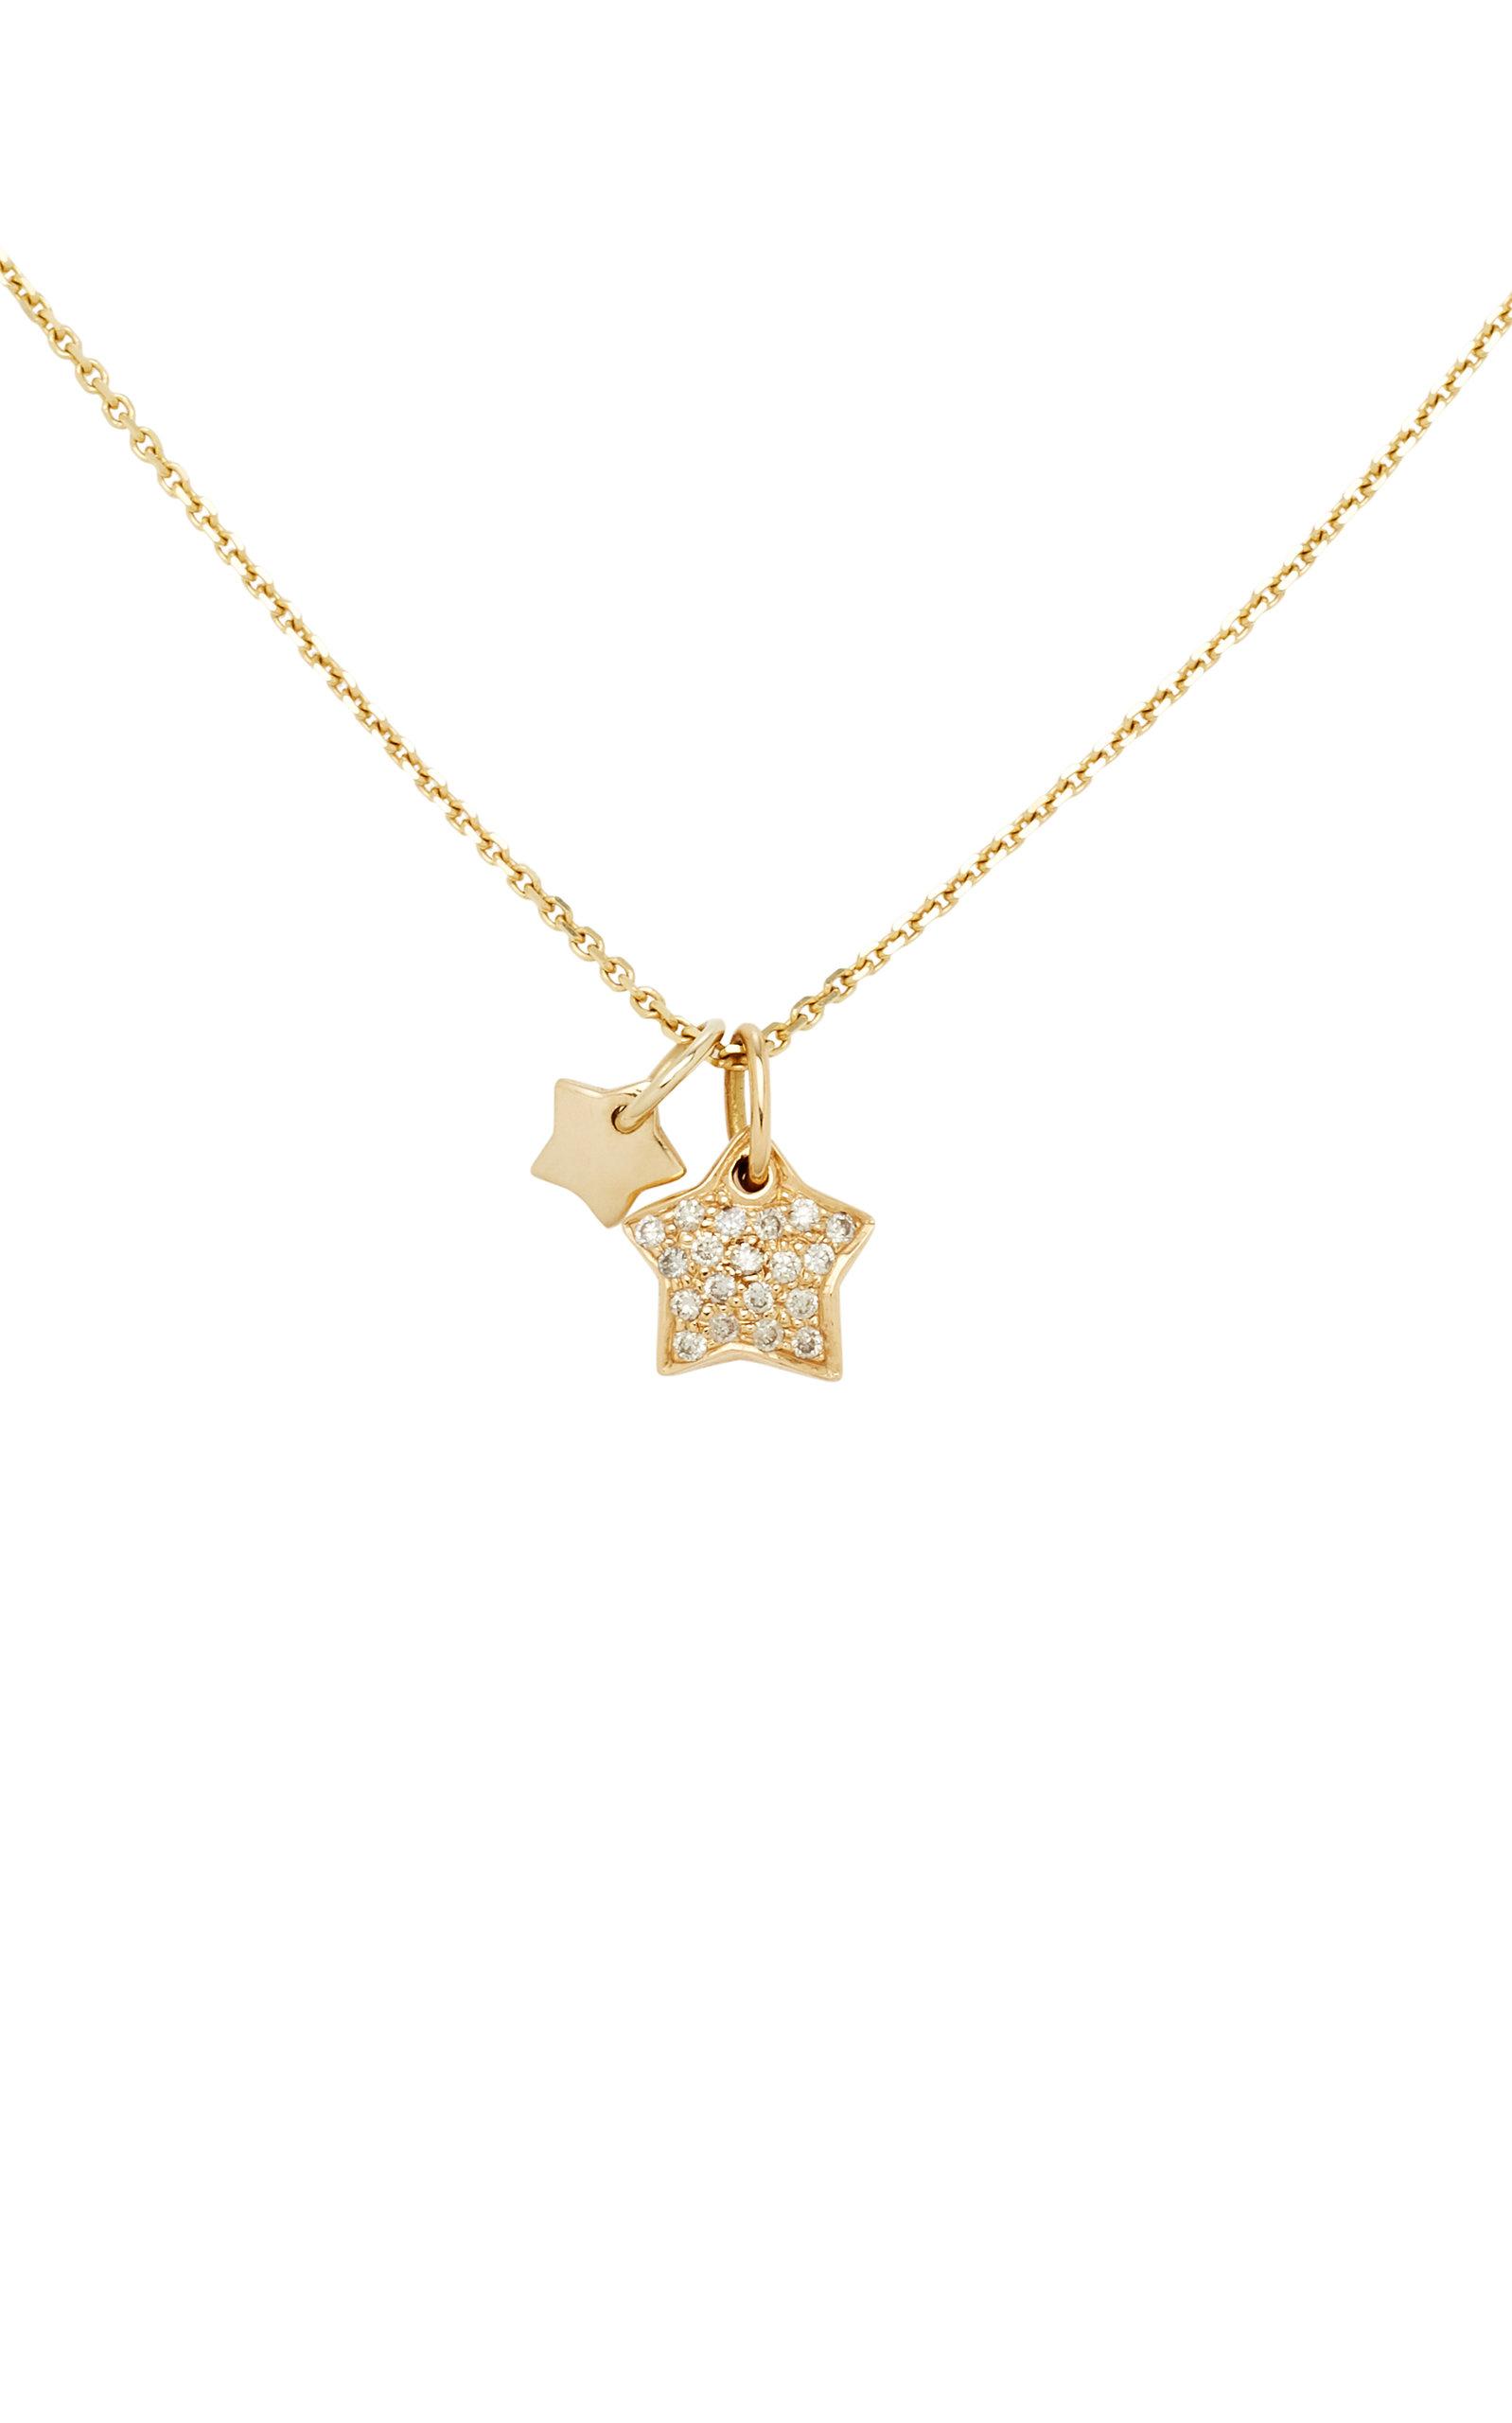 Deux Oiseaux 18k Collier De Diamants D'or Avec Mon Chéri D'amour vR3eZIEhsY